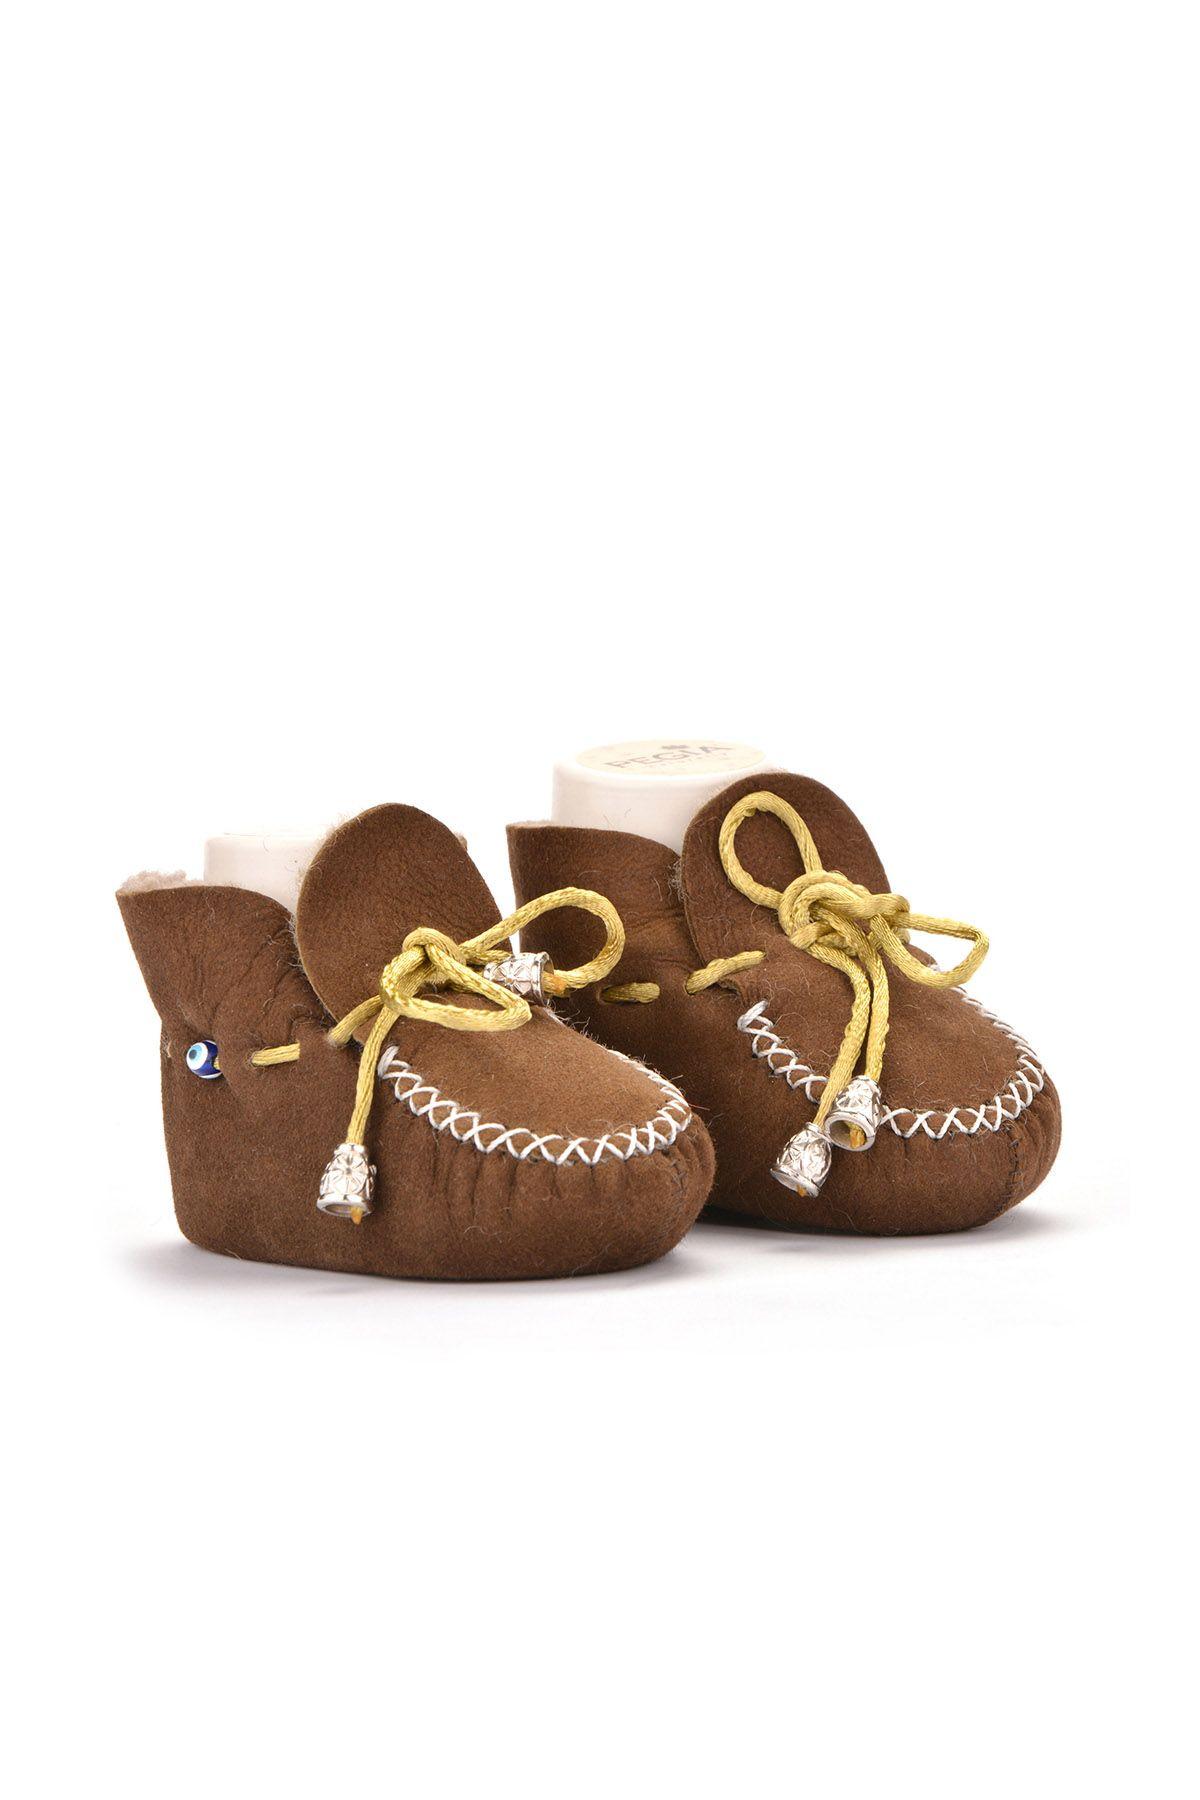 Pegia Hakiki Kürklü Bağcıklı Bebek Patiği 141003 Açık Kahve